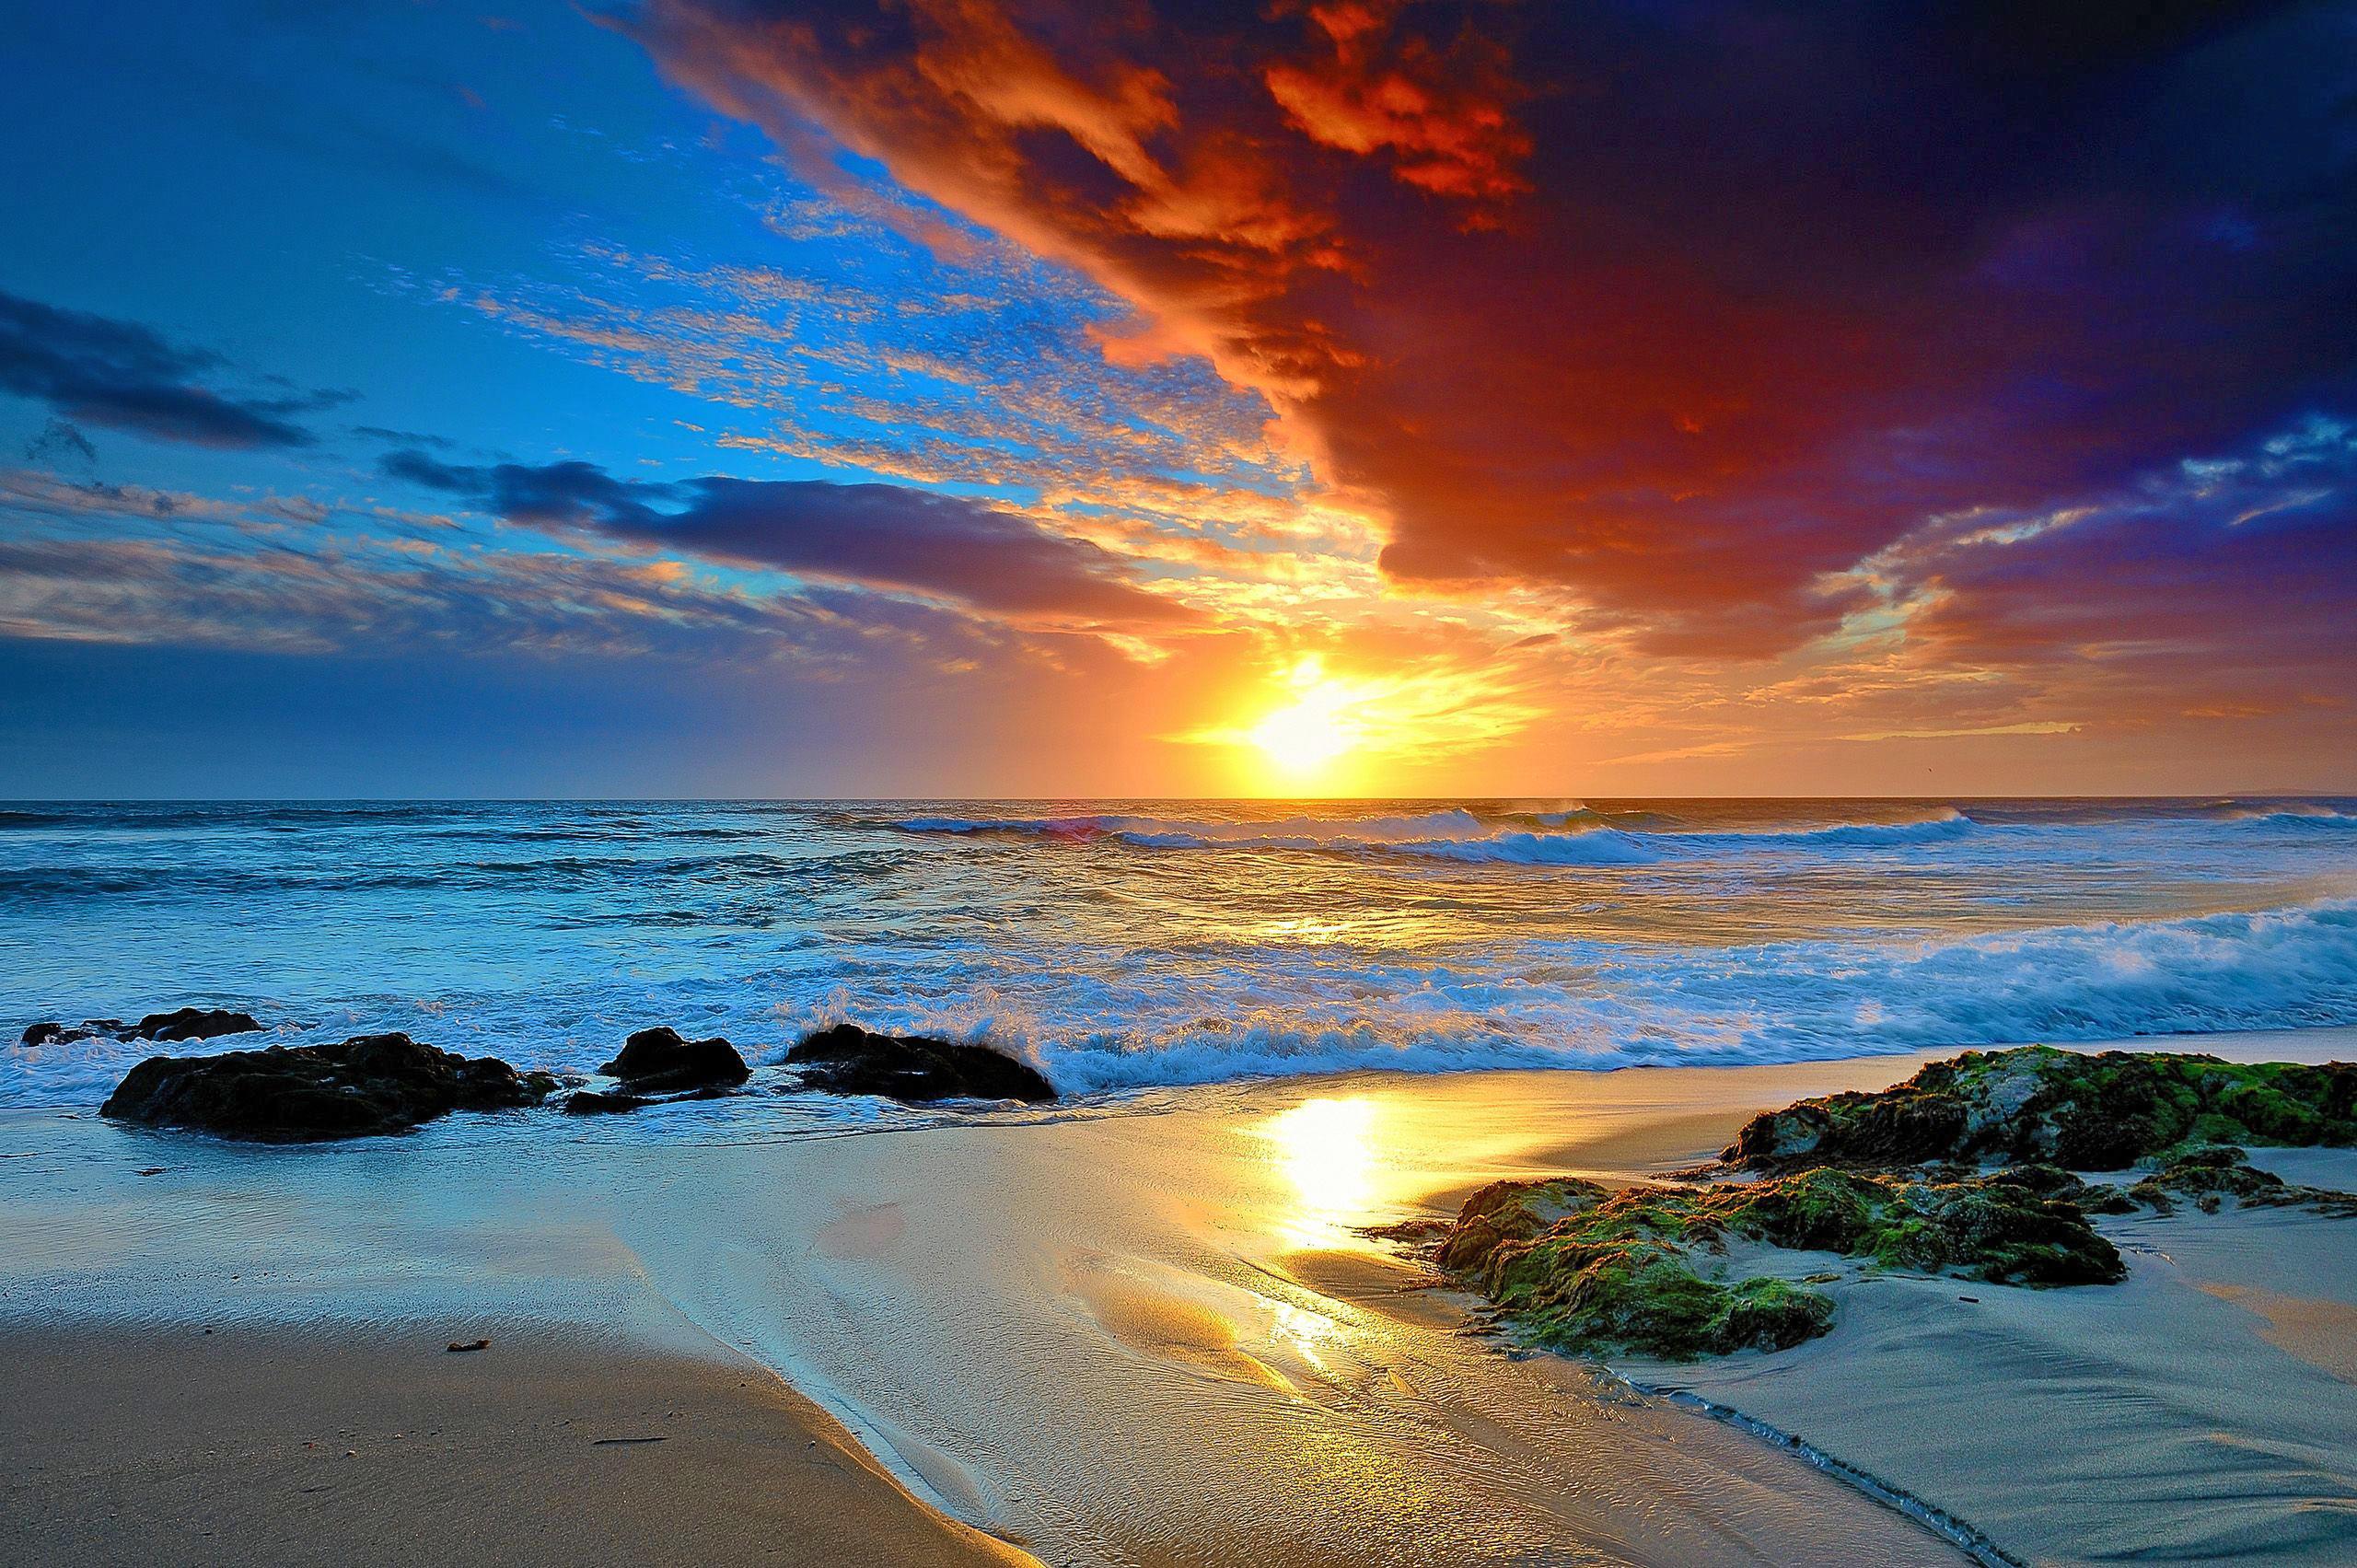 Картинки закат и море на телефон, керамика открытка